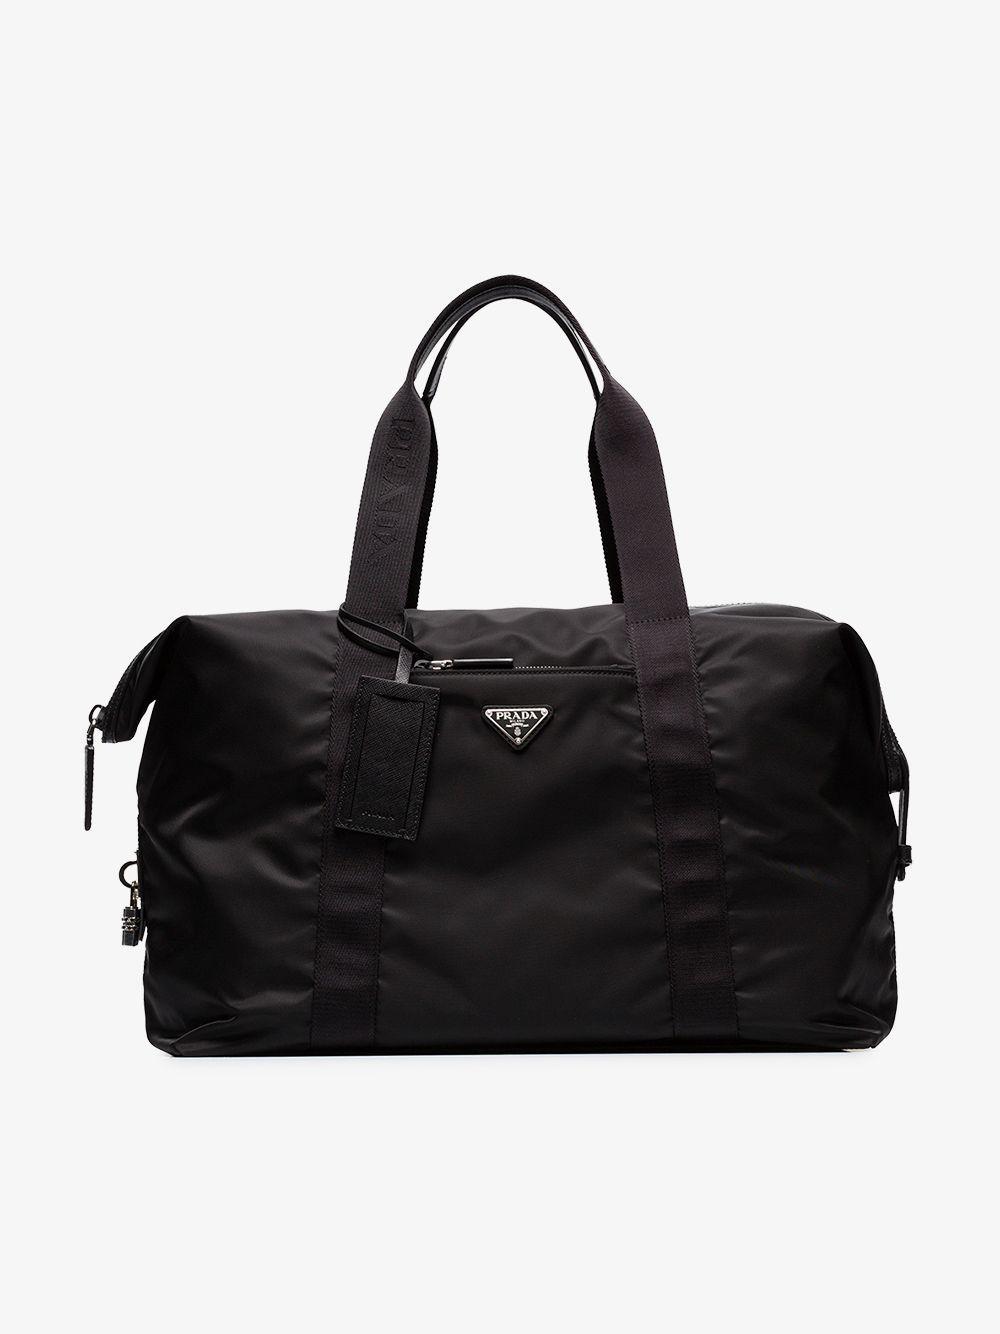 Prada - Black Logo Weekender Bag for Men - Lyst. View fullscreen fc4610dfa6052